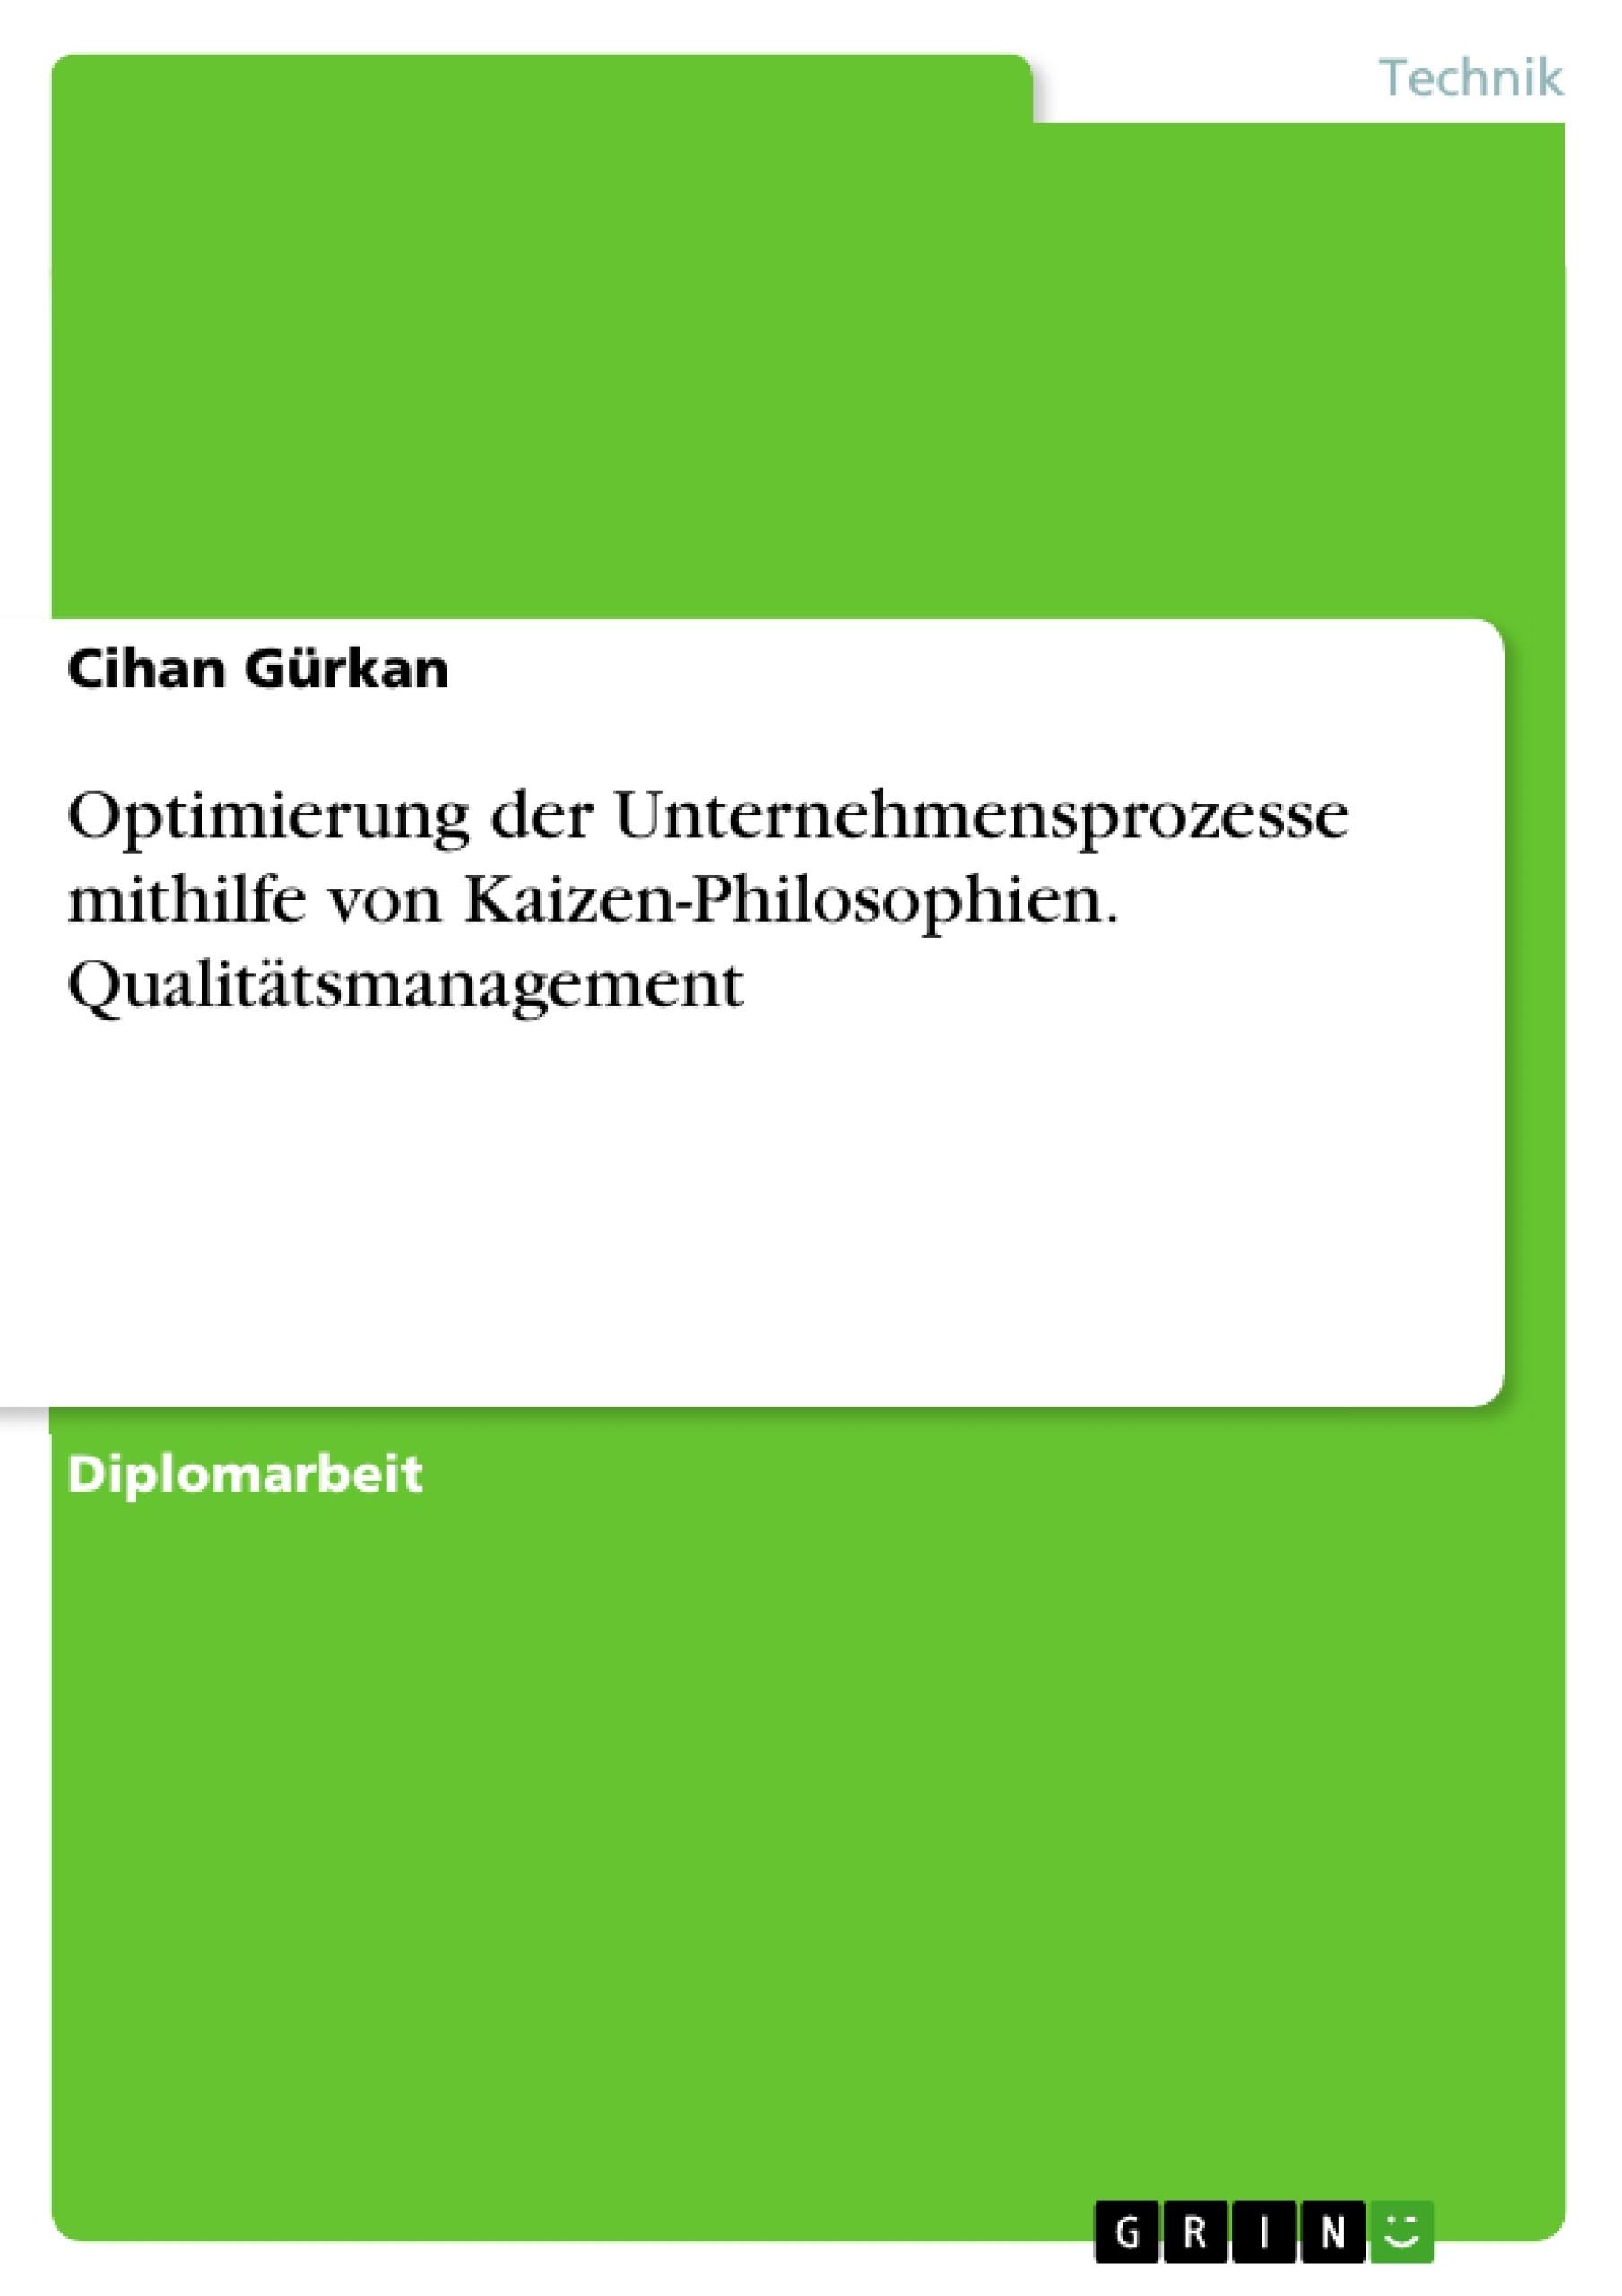 Titel: Optimierung der Unternehmensprozesse mithilfe von Kaizen-Philosophien. Qualitätsmanagement